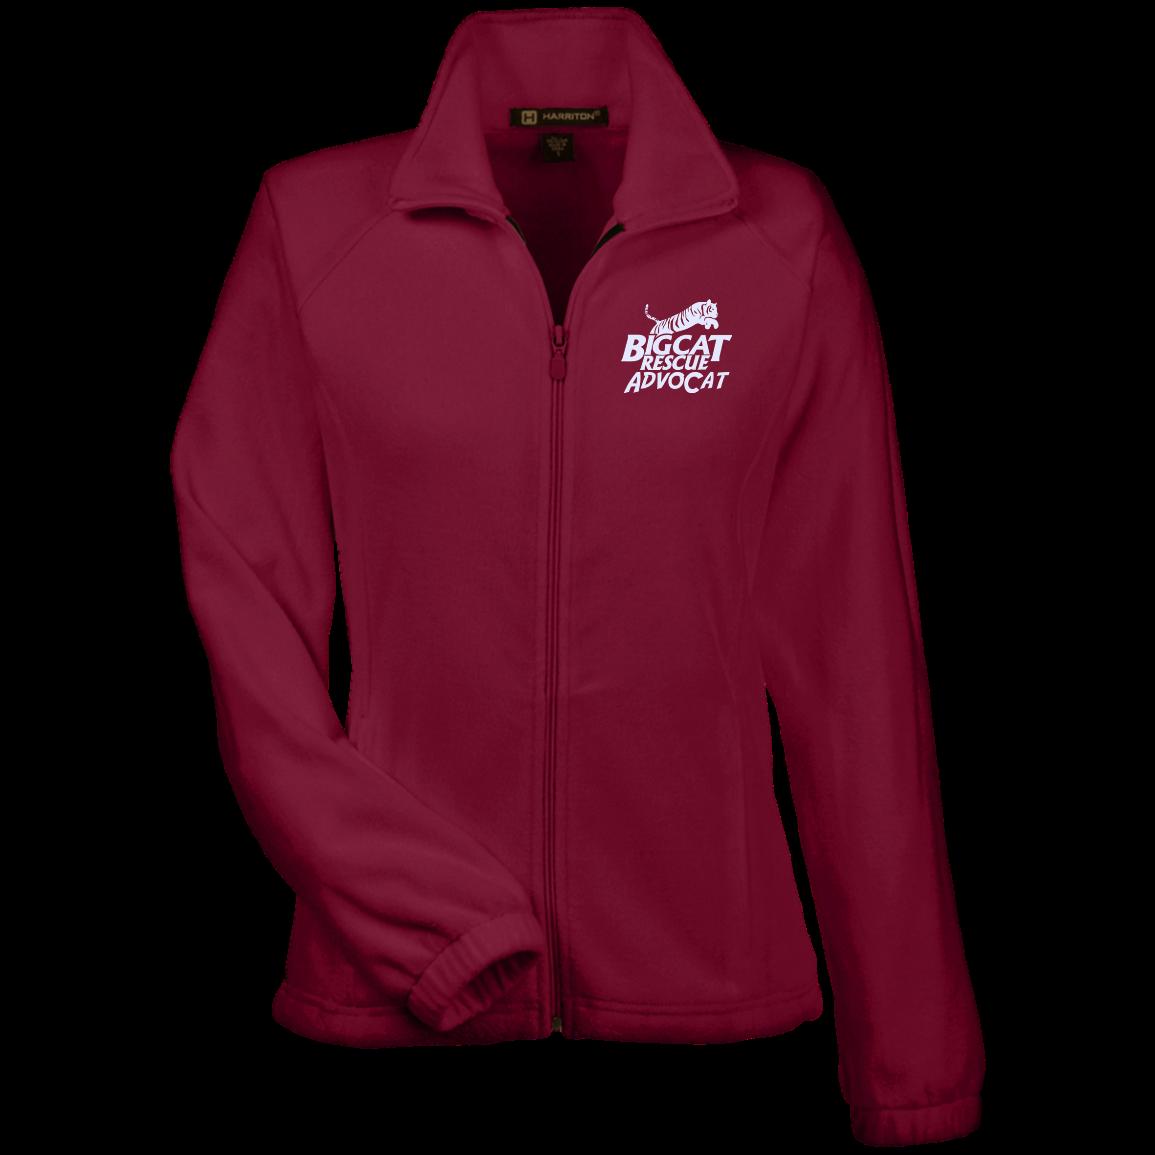 Logo AdvoCat Women's Fleece Jacket Fleece jacket womens